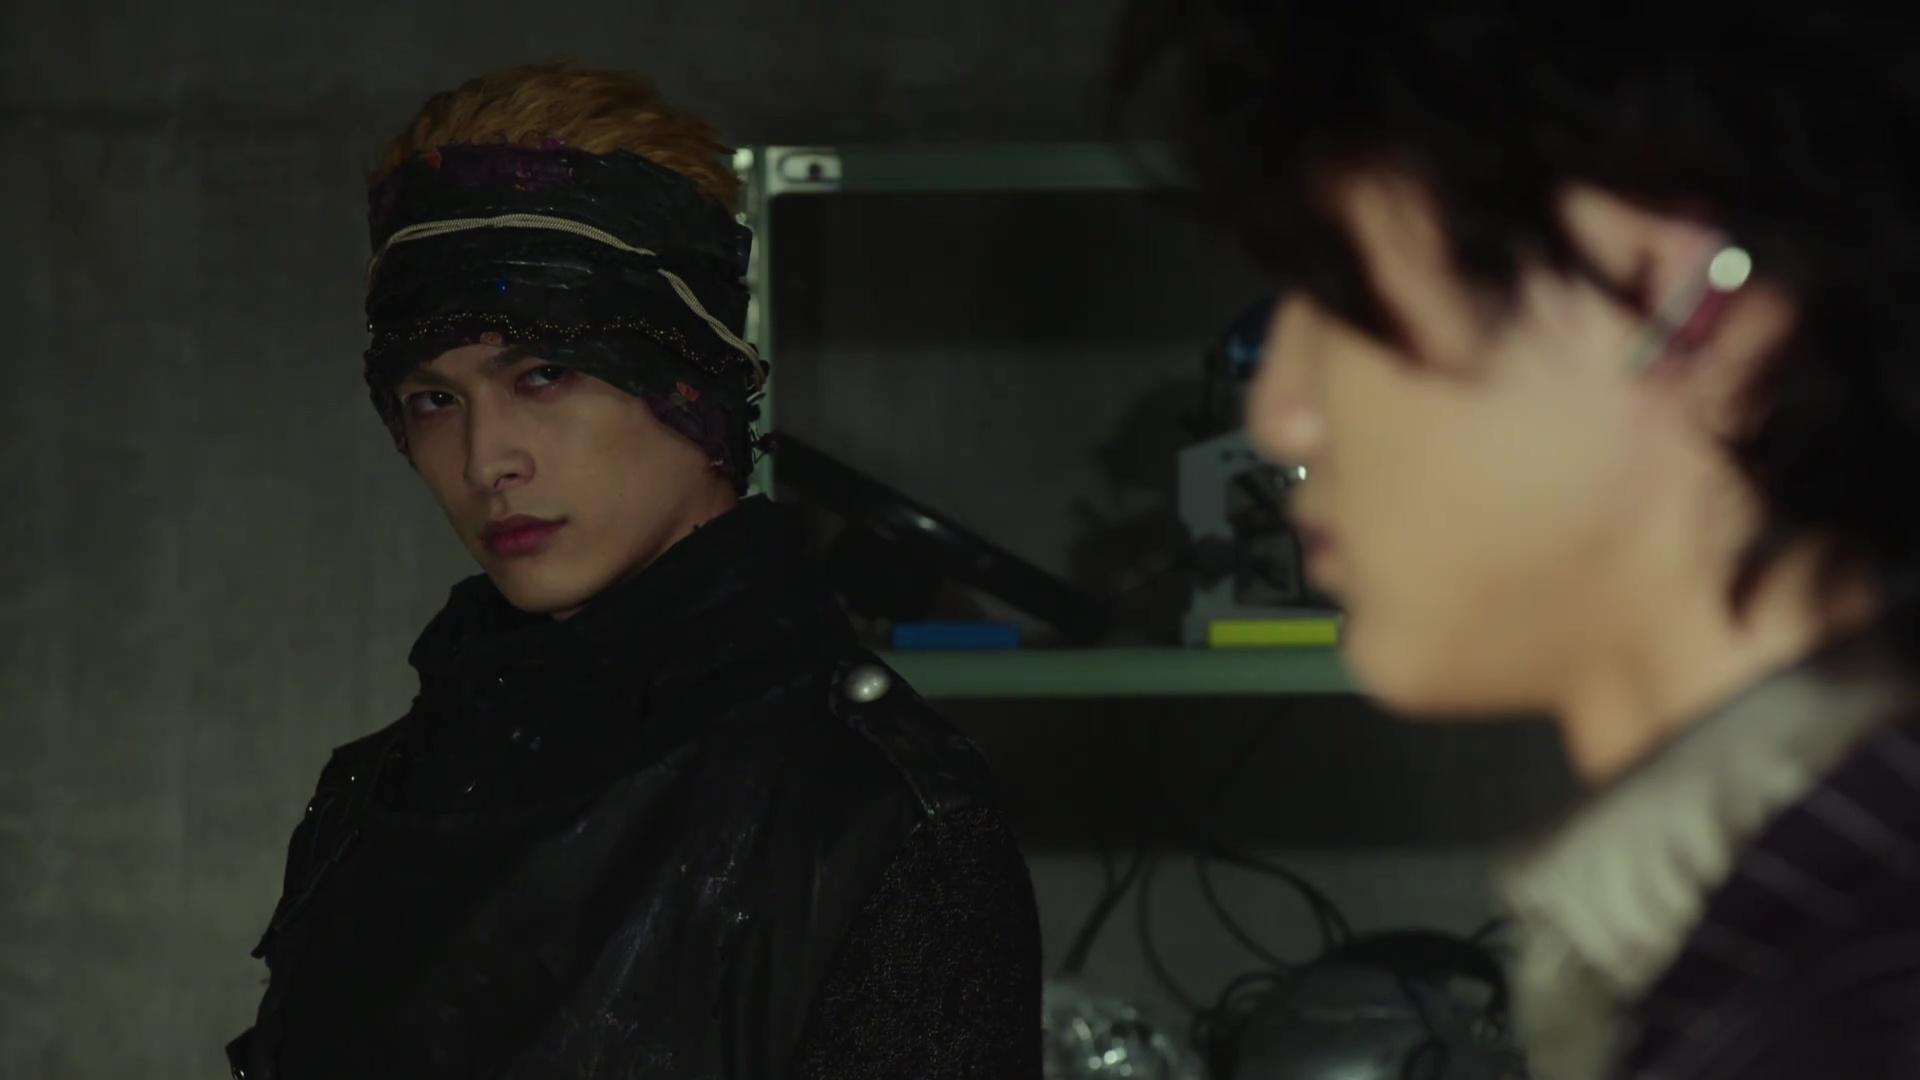 Kamen Rider Zero One Episode 35 Recap